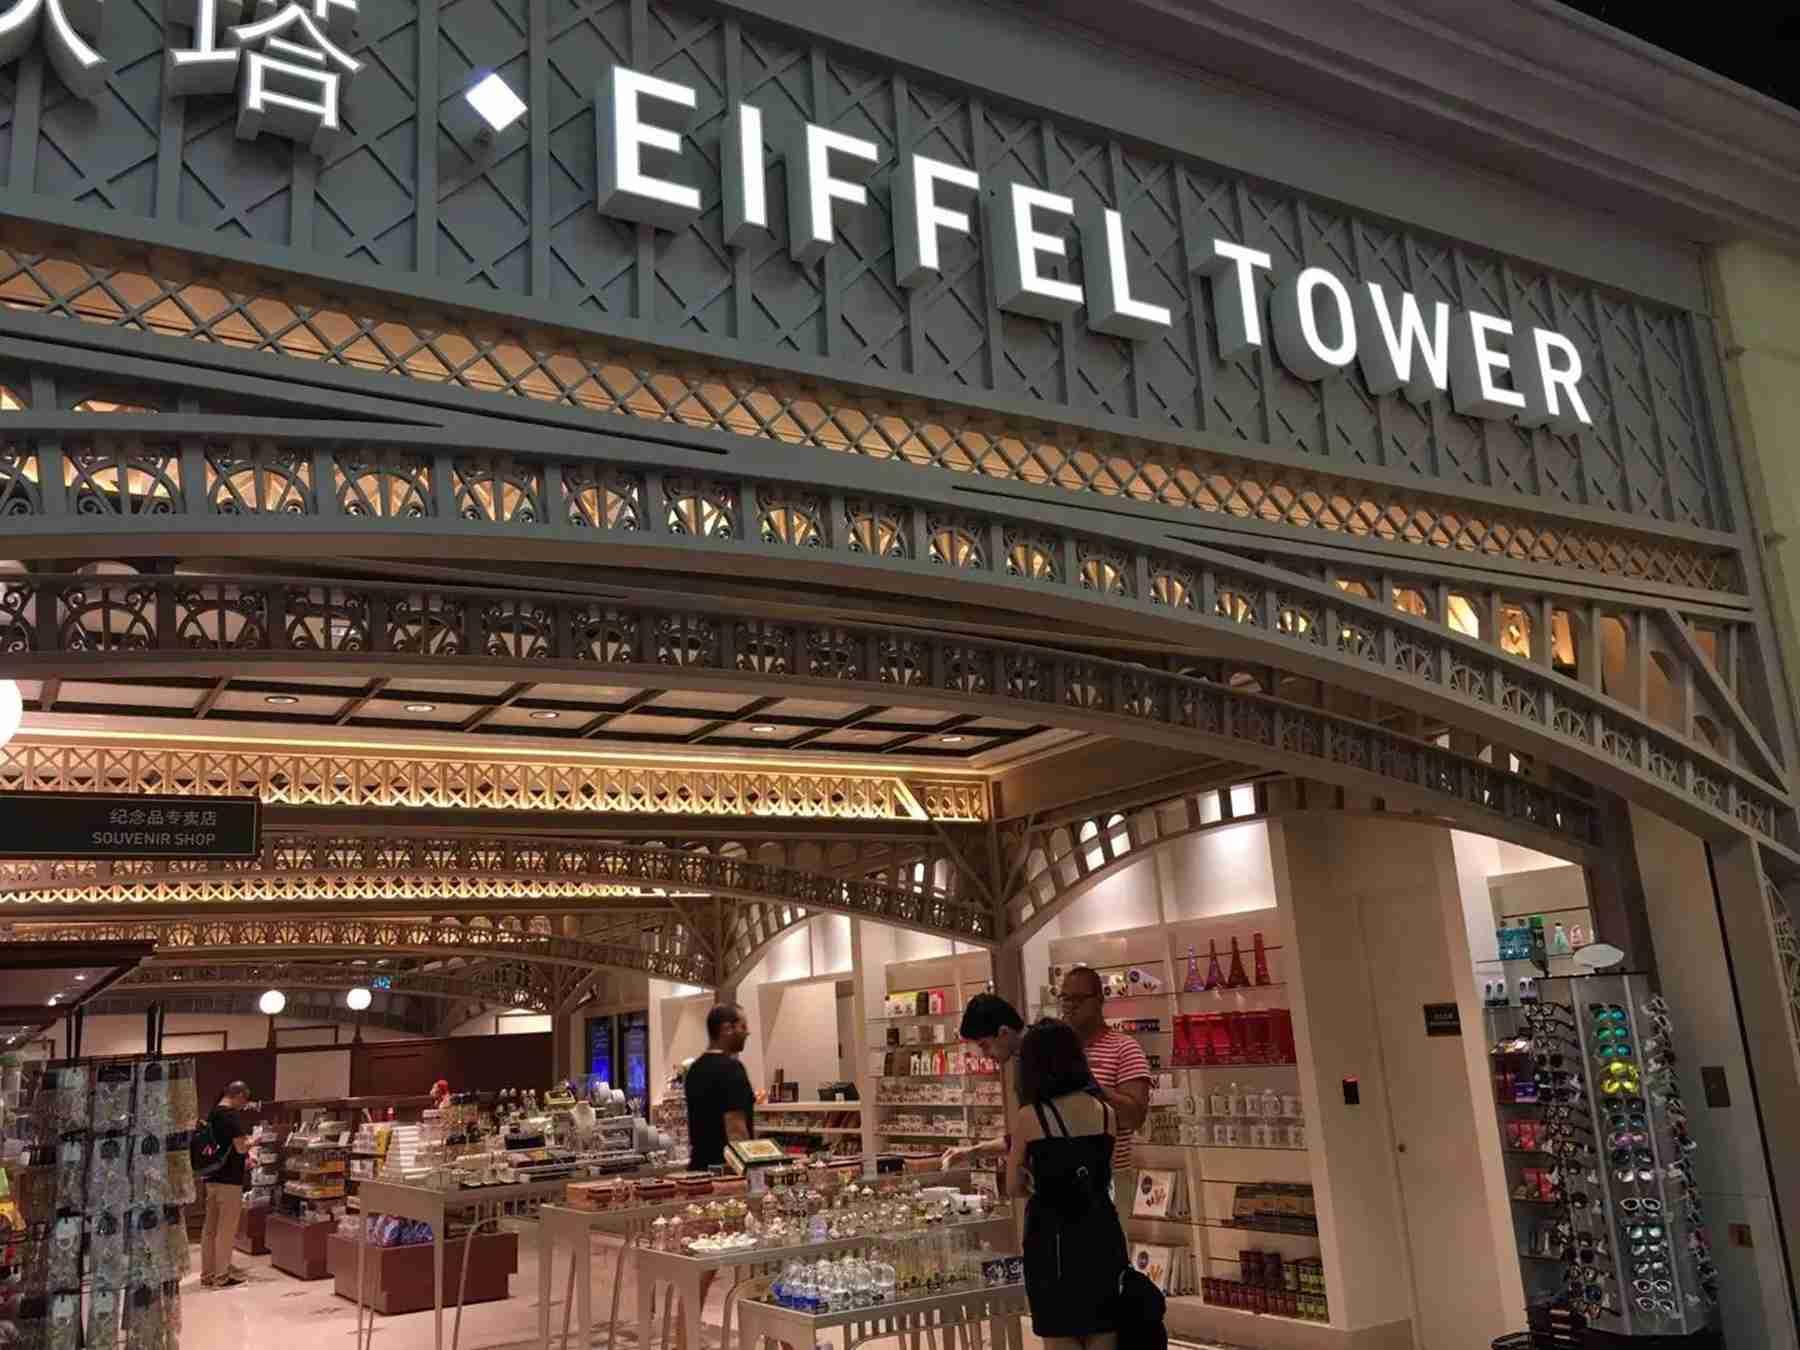 澳門巴黎人酒店埃菲爾鐵塔入口